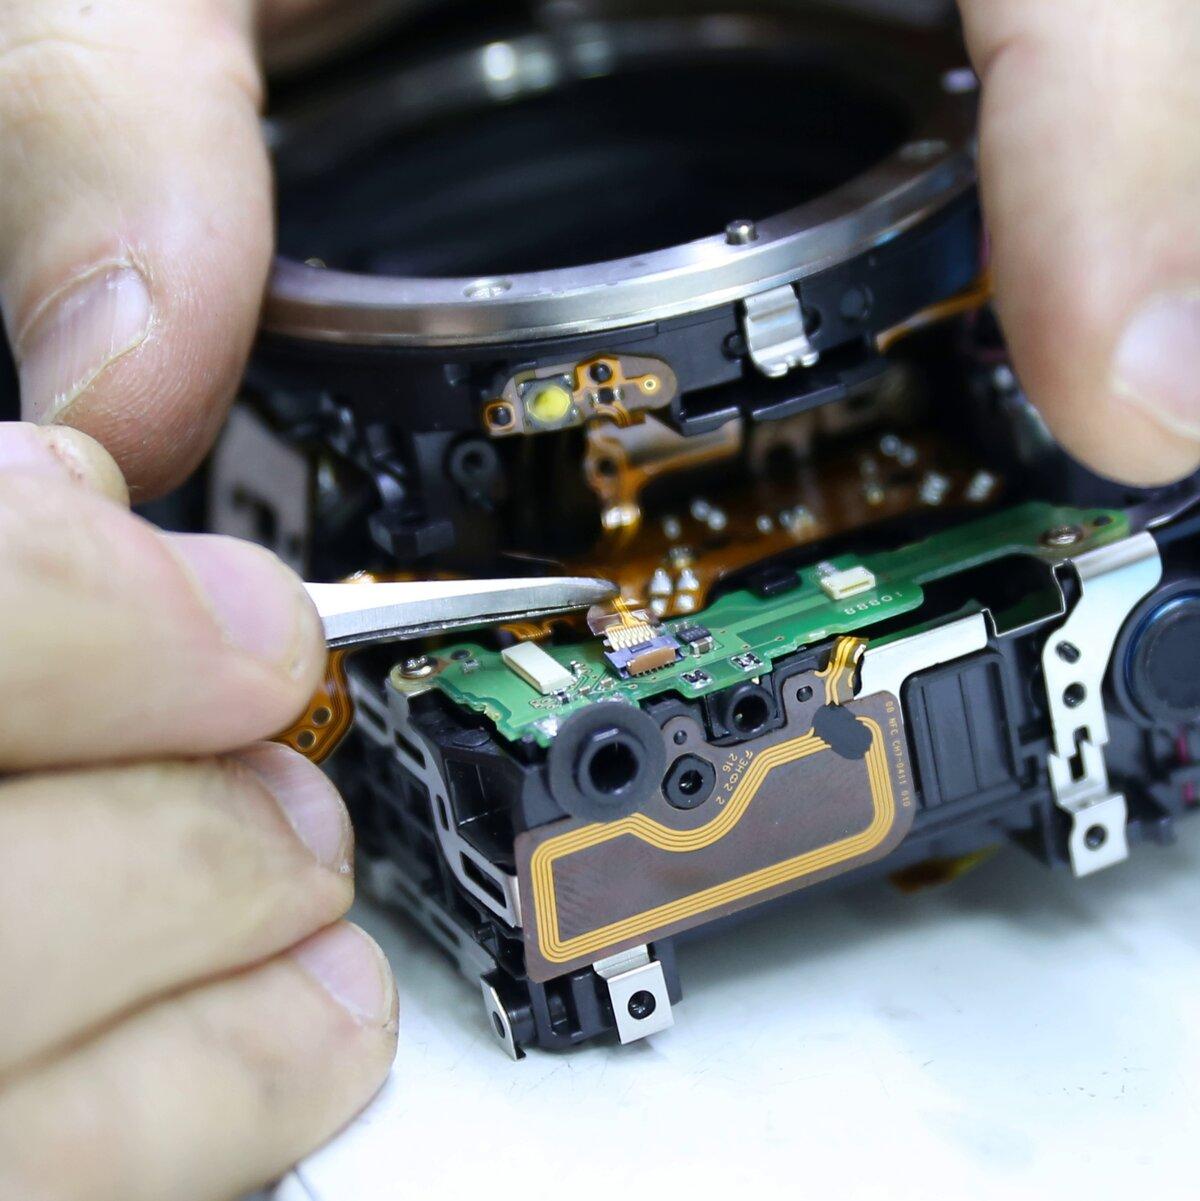 довольно ремонт фотоаппаратов астана это изготовление